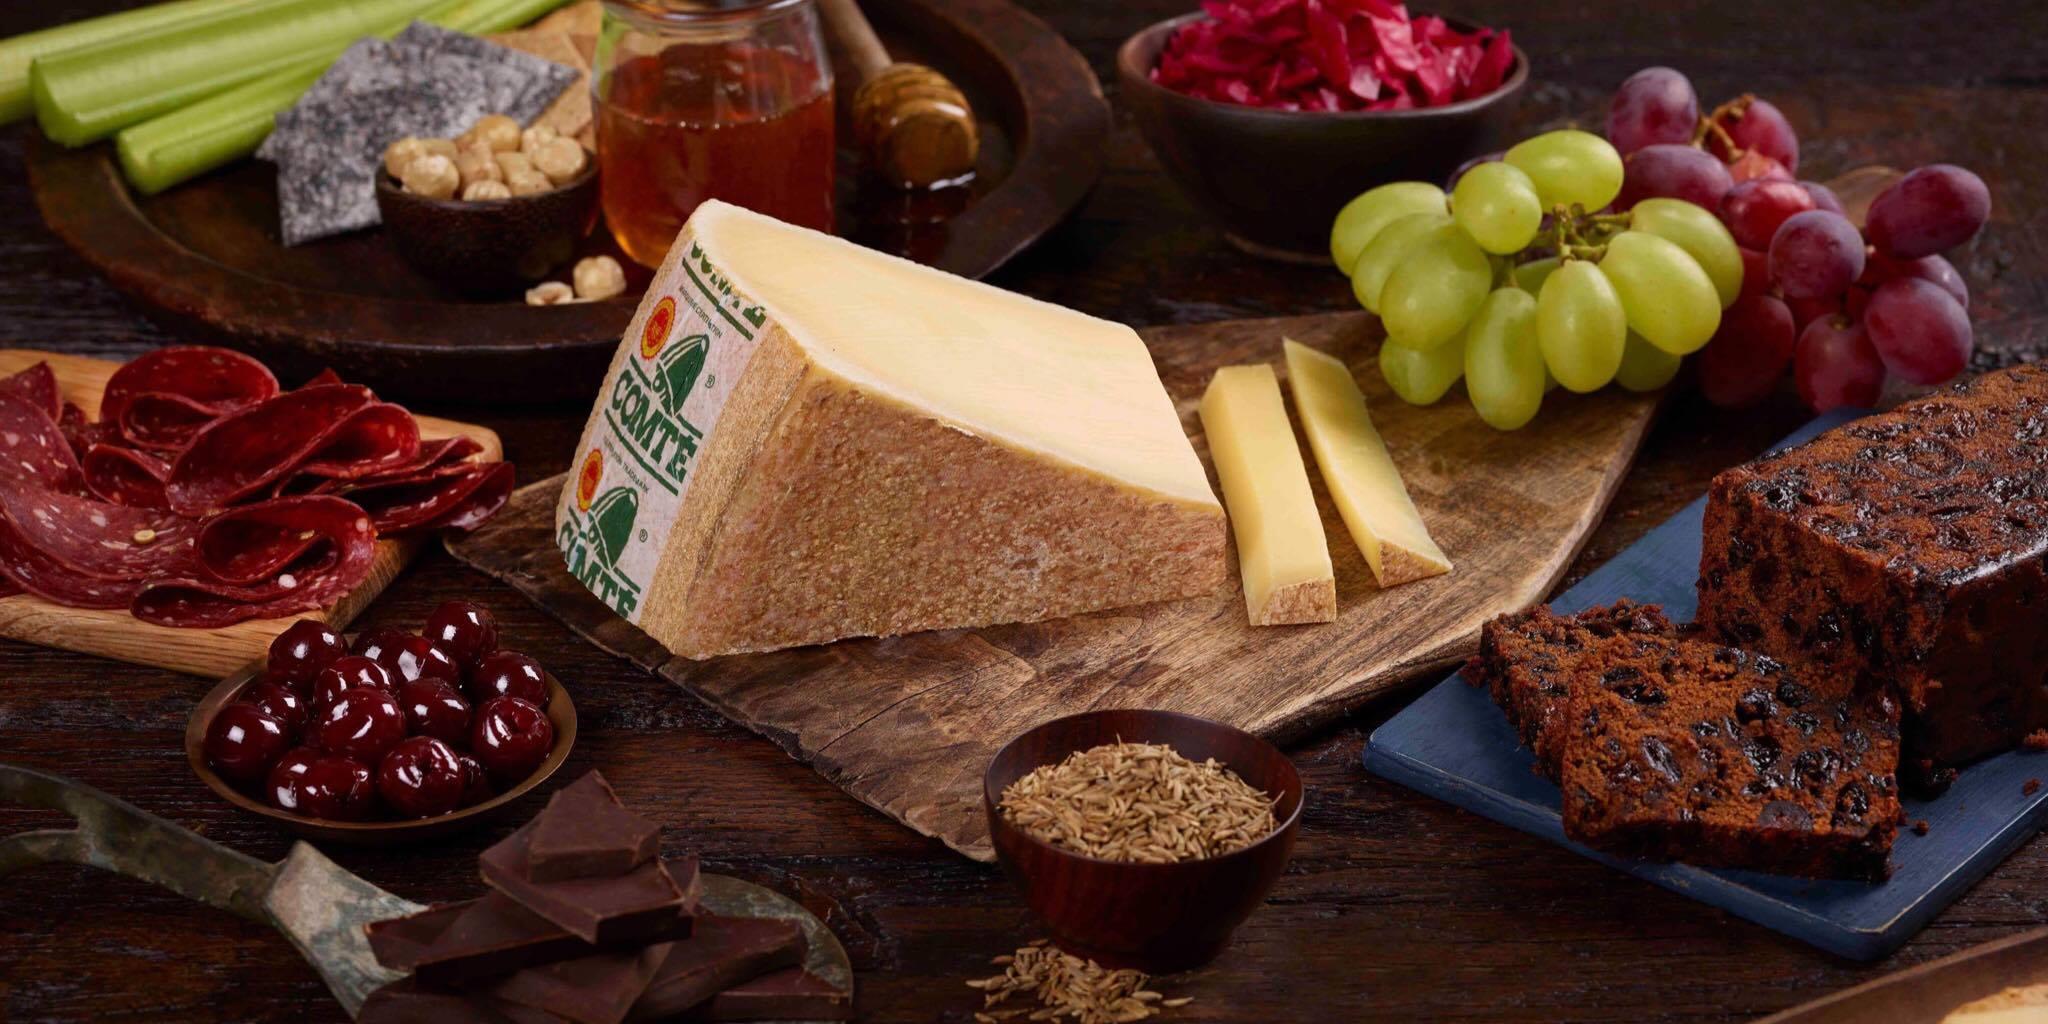 Unusual pairings cheese board